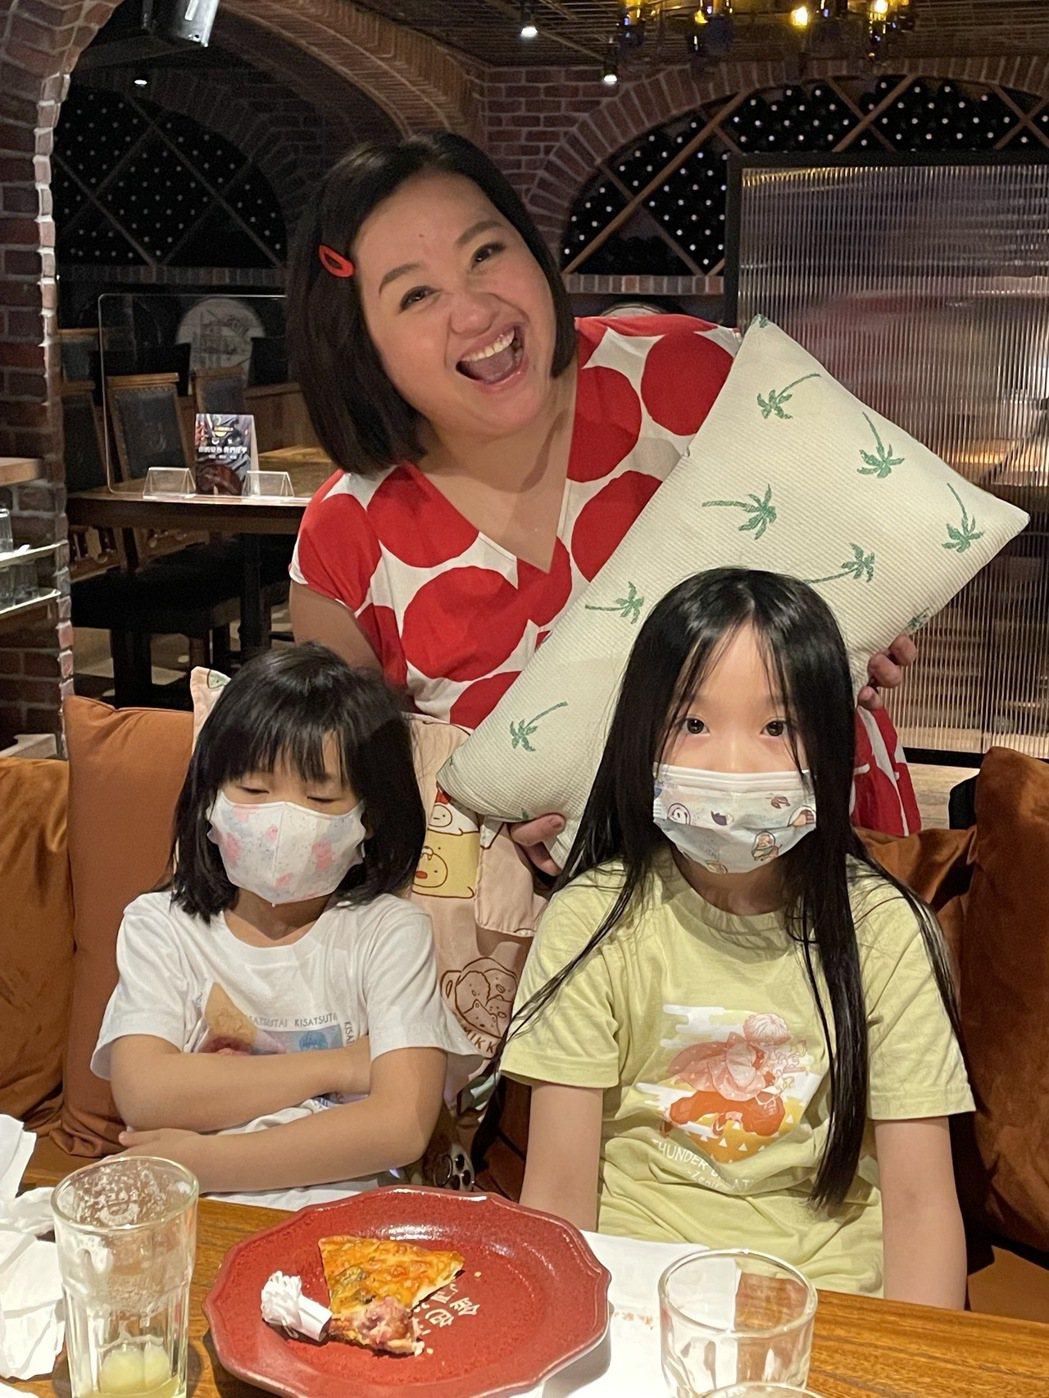 鍾欣凌帶2女兒出席「婆婆」金鐘慶功,小枕頭萌翻一票人。圖/公視提供